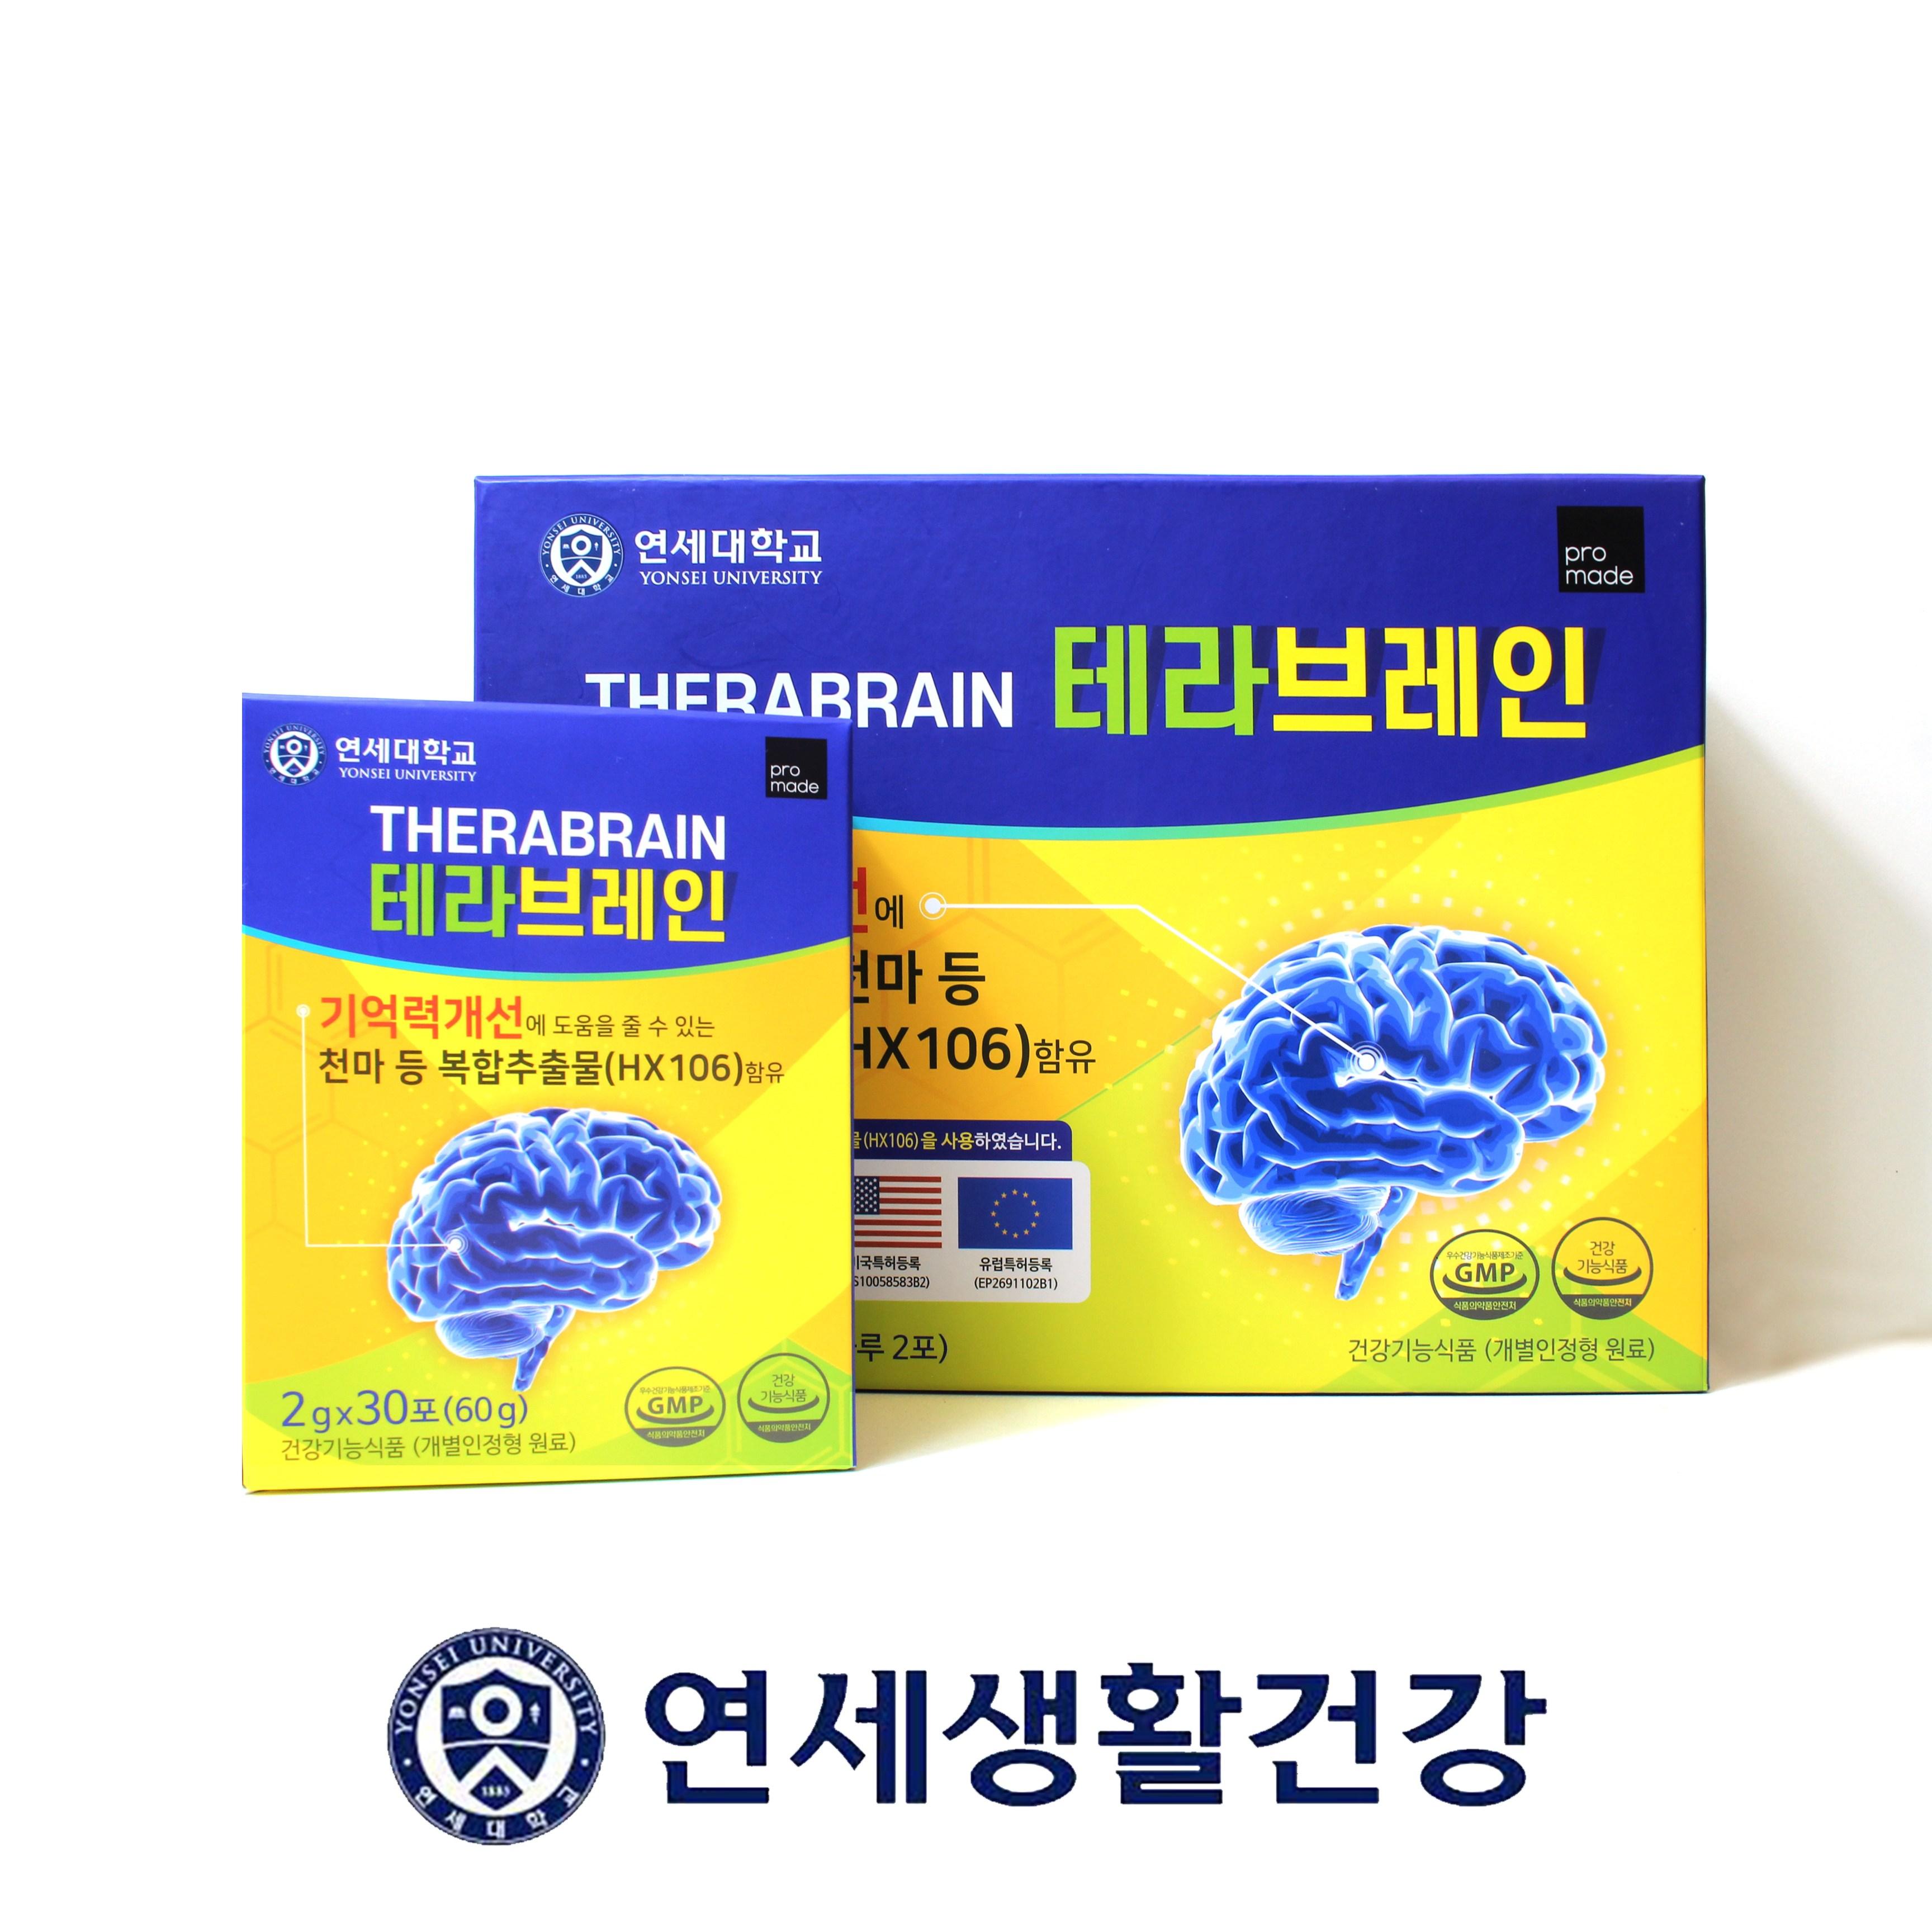 연세 테라브레인 수험생 직장인 영양제 뇌 기억력 집중력 1BOX, 60개입 / 120g, 1박스